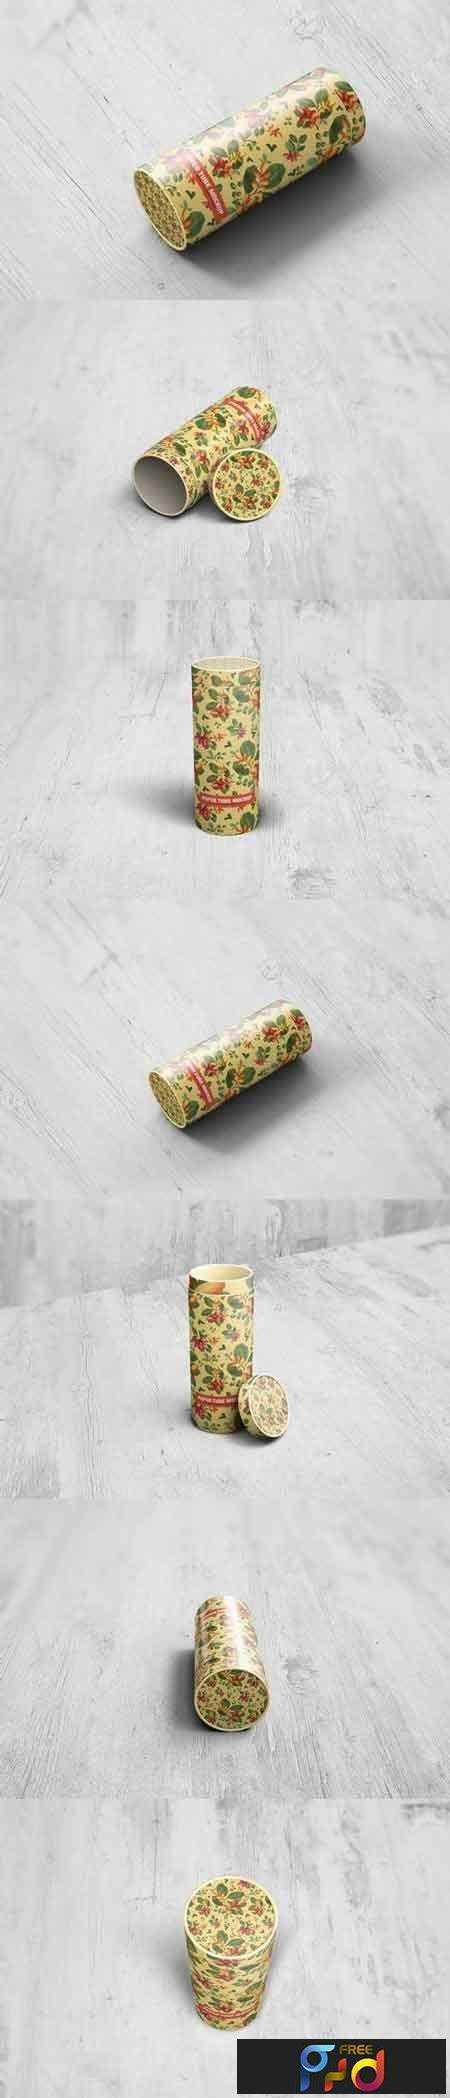 1708257 Paper Tube Mockup 1